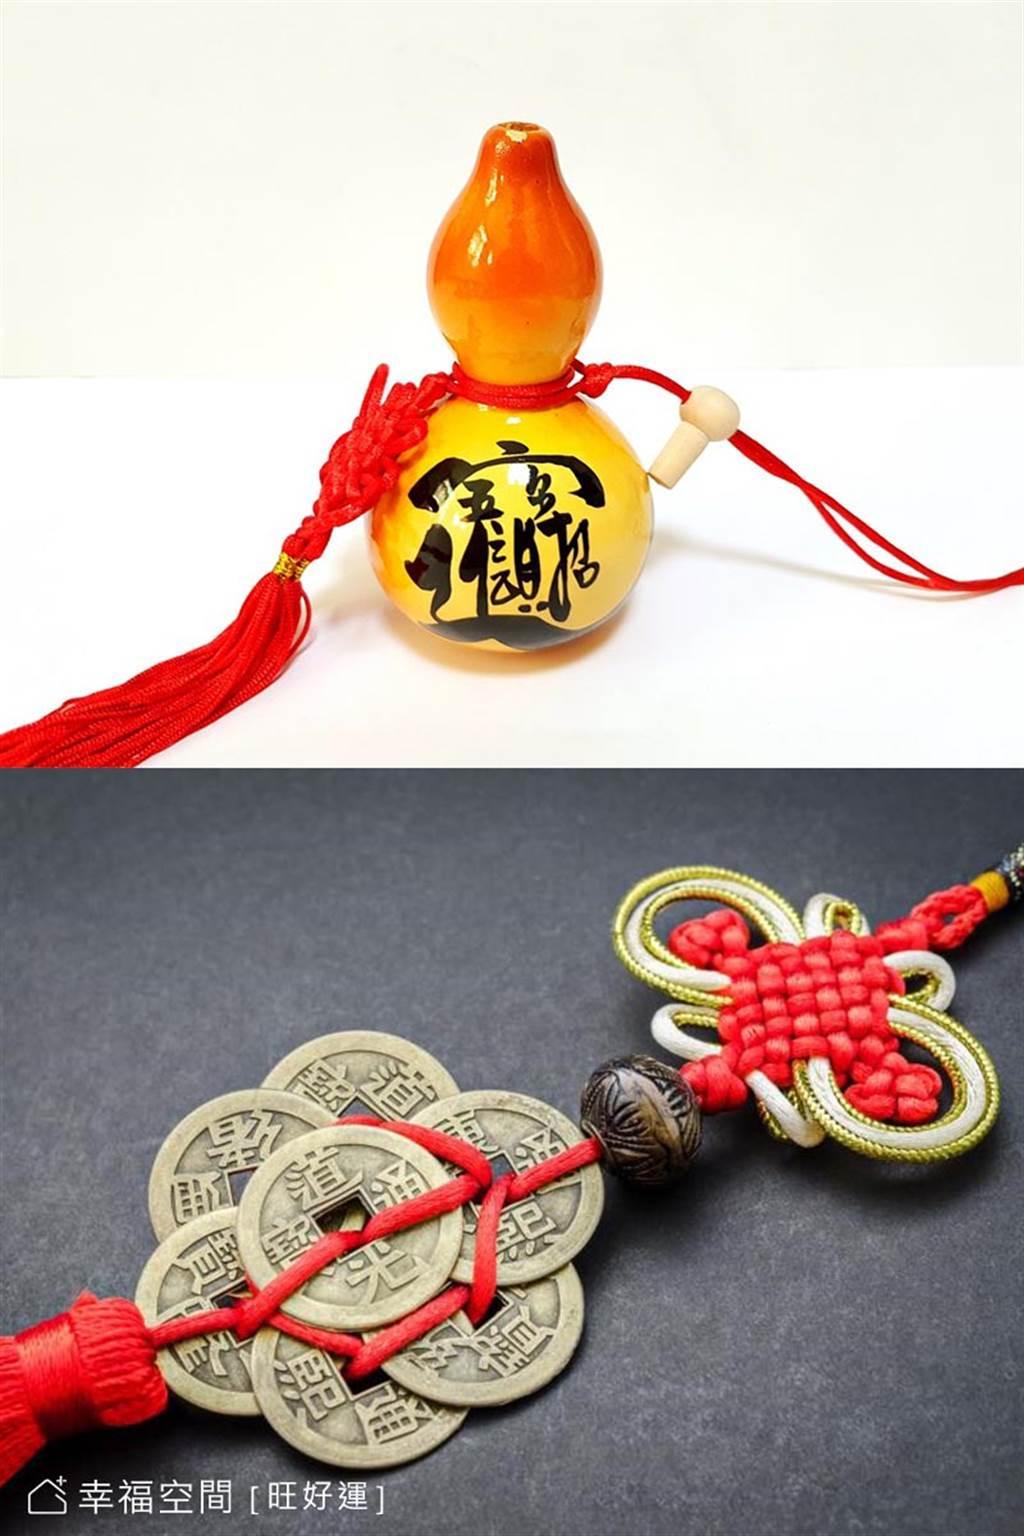 葫蘆&五帝錢。(圖片提供/旺好運)